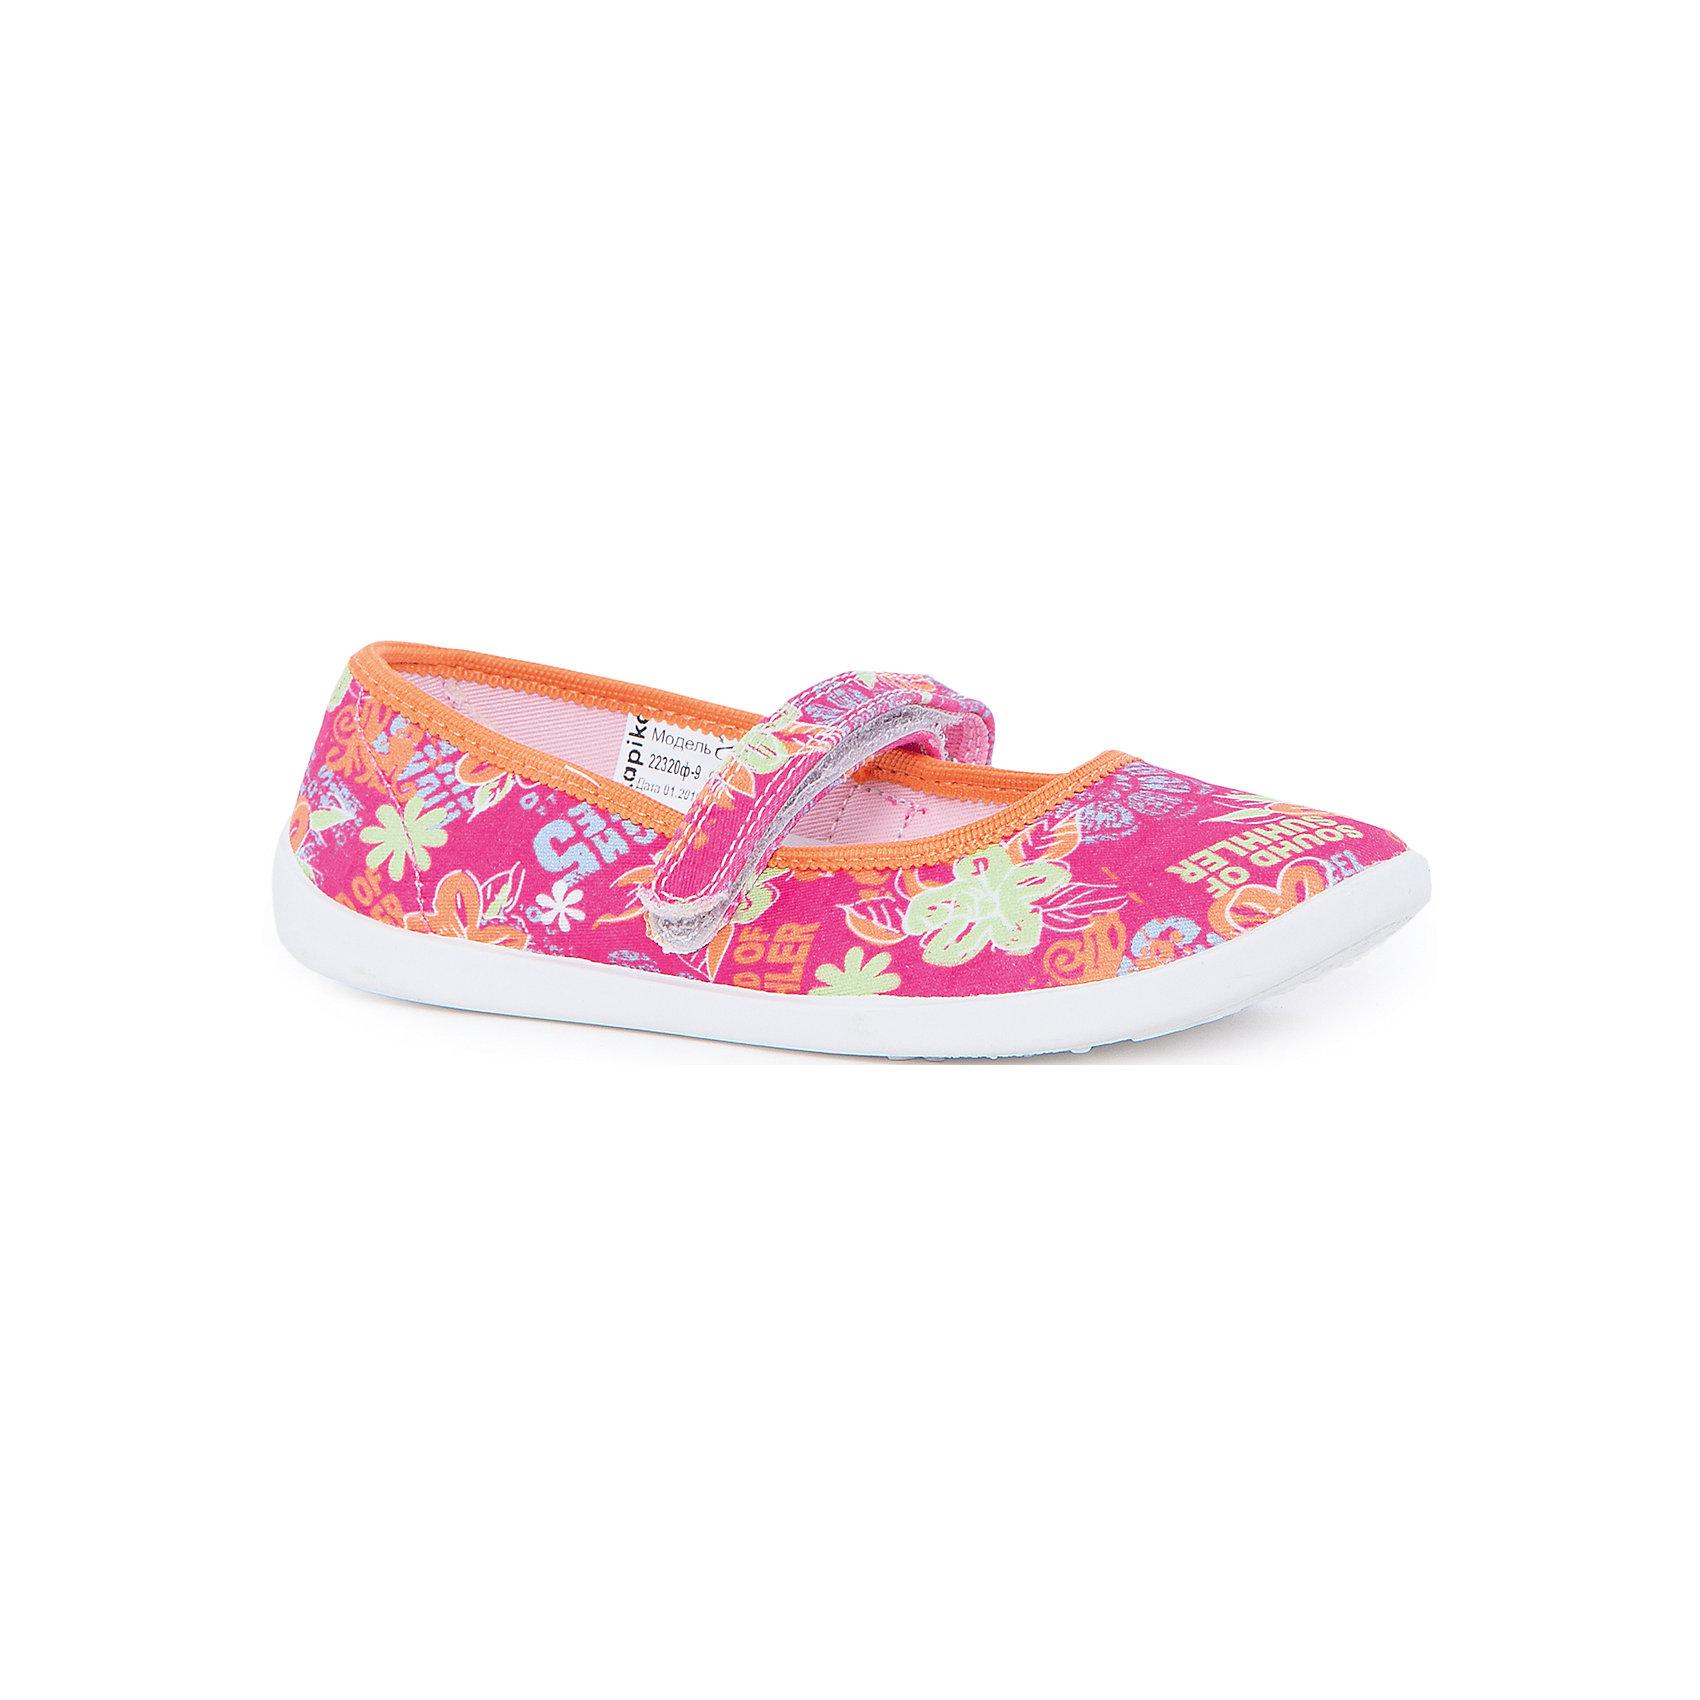 Туфли для девочки KAPIKAТуфли для девочки KAPIKA станут отличным вариантом для летних прогулок. Туфельки очень удобные и не будут натирать ножки. Они не будут сковывать движение и прогулки станут особенно интересными. Порадуйте себя и своего малыша  таким замечательным подарком. <br><br>Характеристика:<br>-Цвет: розовый с рисунком<br>-Материал: верх - текстиль, стелька - кожа,                       подошва - полимер,                       подкладка - текстиль<br>-Застёжка: липучка<br>-Бренд: KAPIKA(КАПИКА)<br><br>Туфли для девочки KAPIKA  вы можете приобрести в нашем интернет- магазине.<br><br>Ширина мм: 227<br>Глубина мм: 145<br>Высота мм: 124<br>Вес г: 325<br>Цвет: розовый<br>Возраст от месяцев: 84<br>Возраст до месяцев: 96<br>Пол: Женский<br>Возраст: Детский<br>Размер: 31,32,33,34,35,30<br>SKU: 4987754